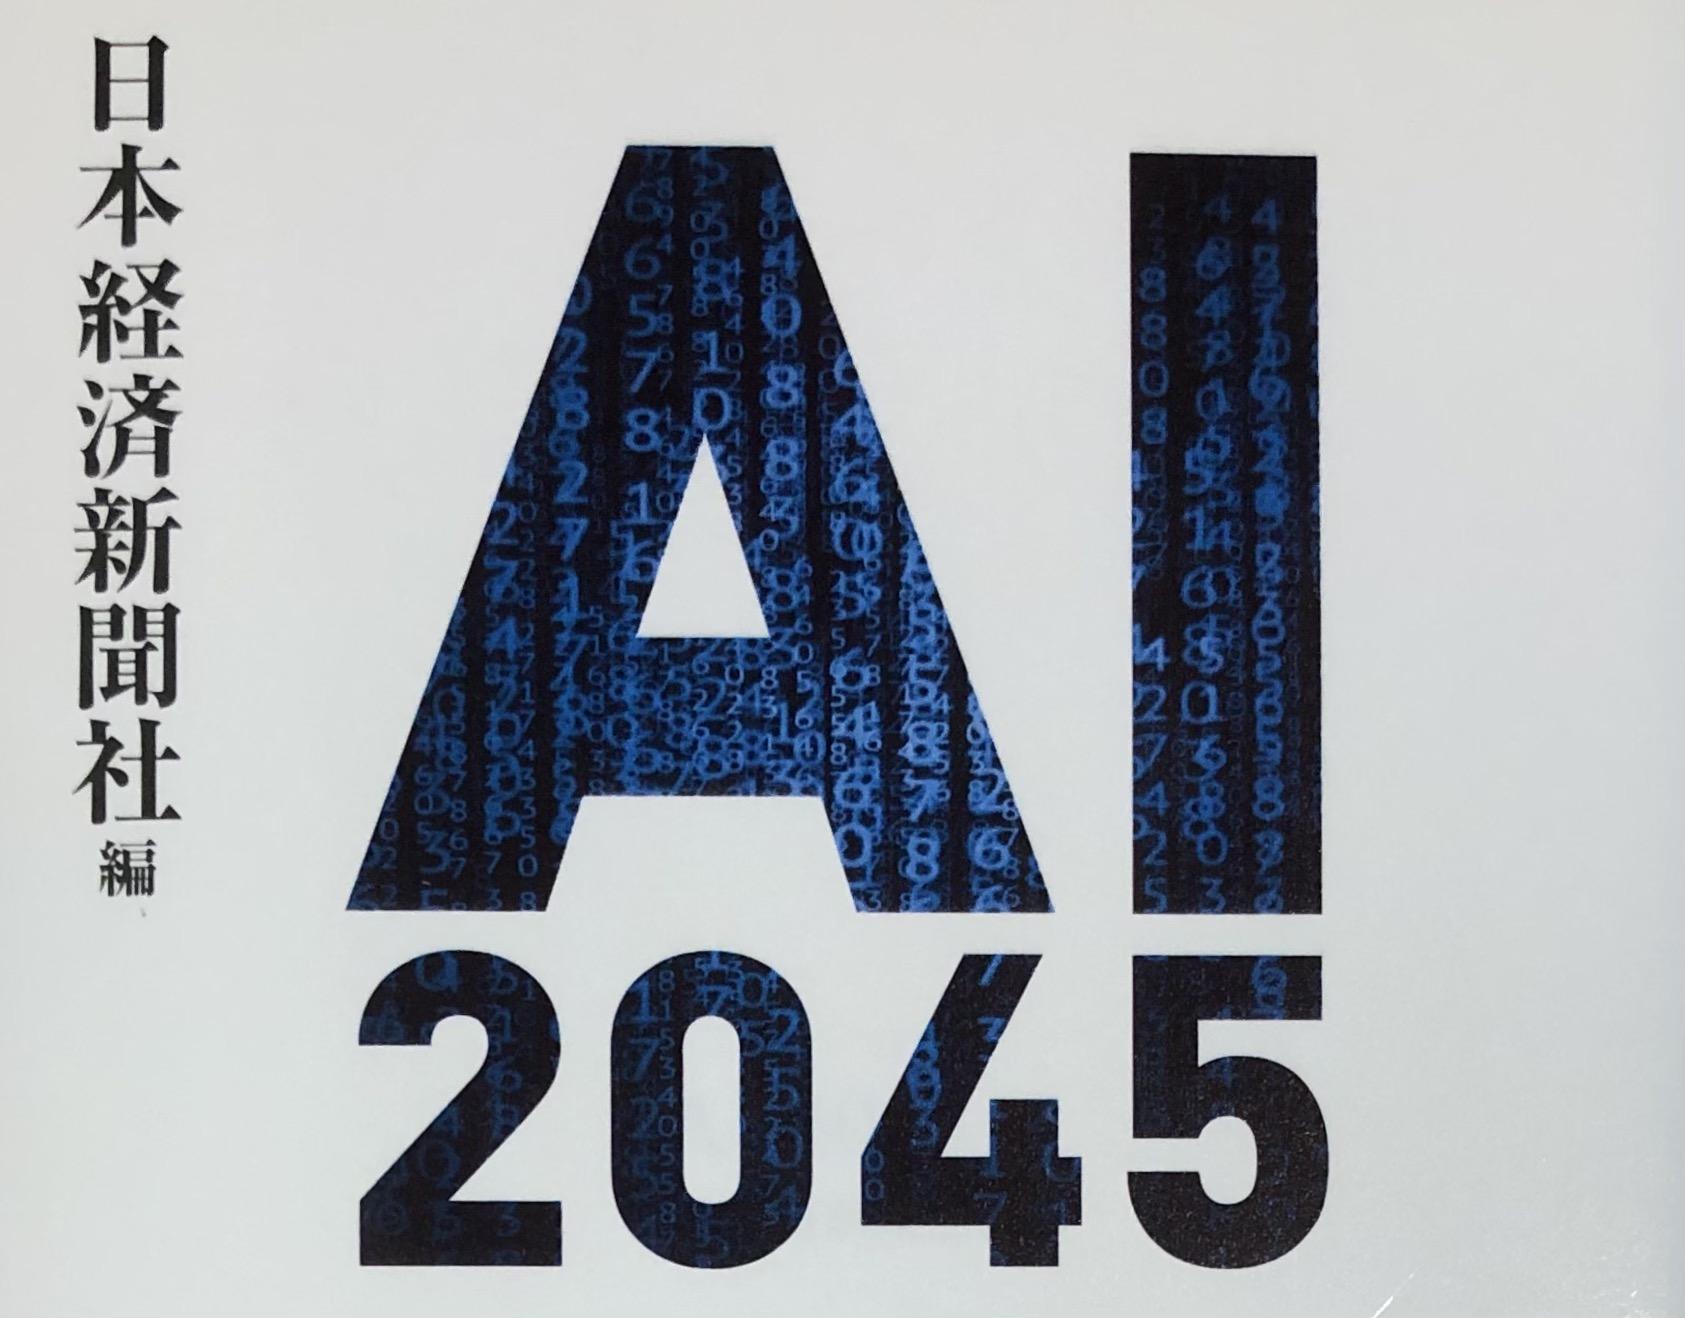 【AI 2045】AIの現在がわかる日経の本!要約・感想レビュー!